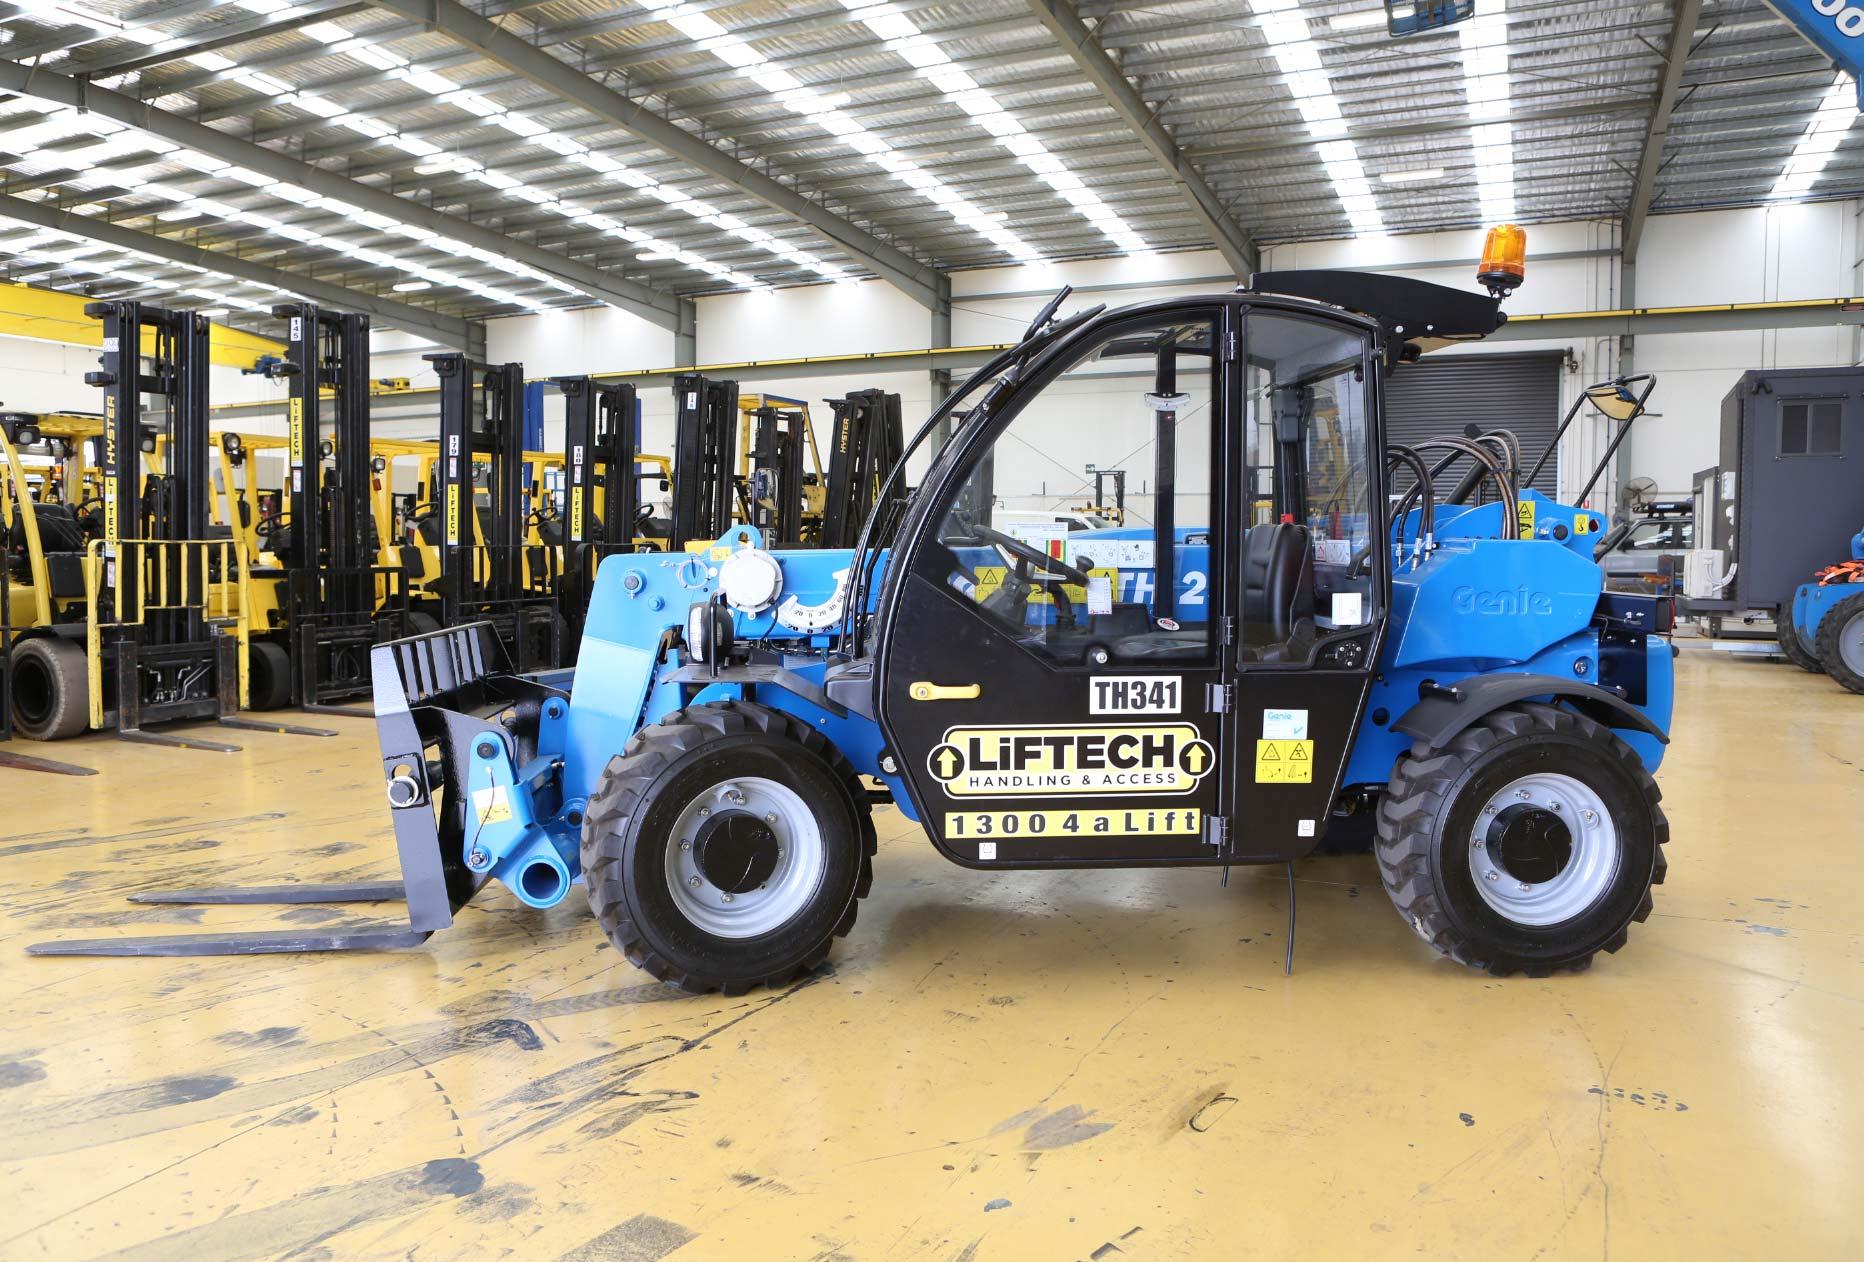 2.5 Tonne Telehandler Forklift